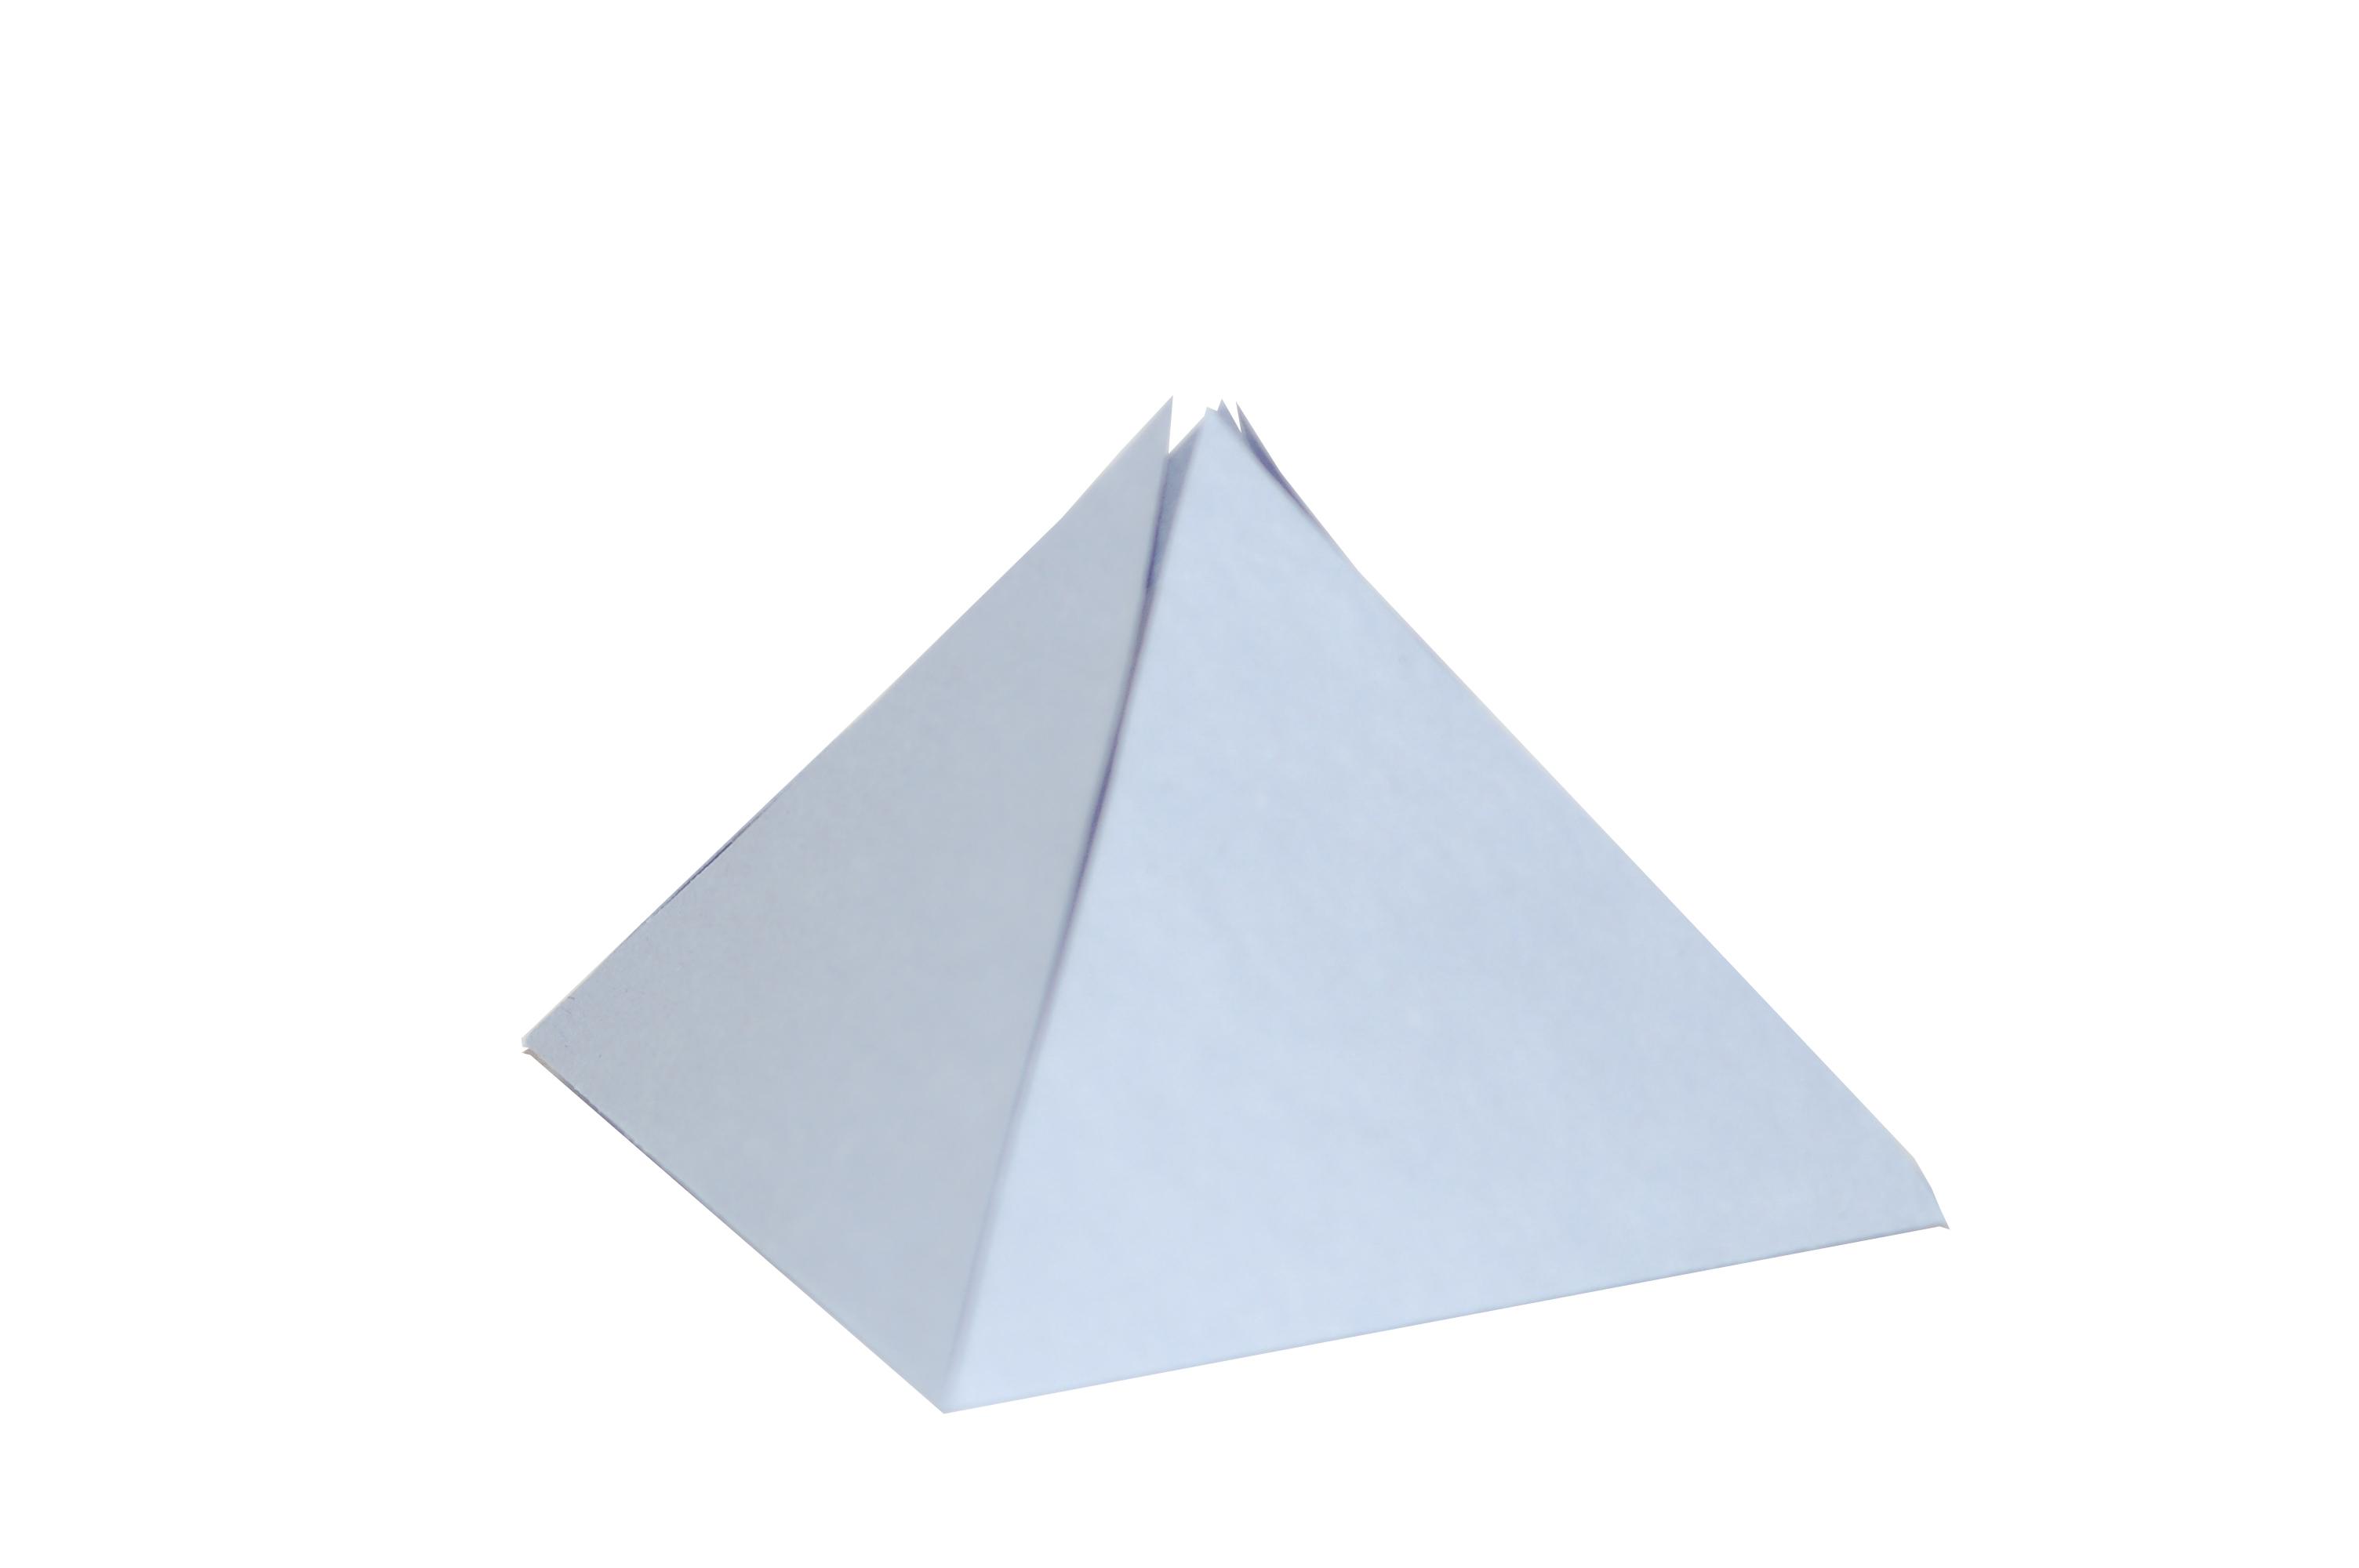 Как правильно сделать пирамиду из бумаги